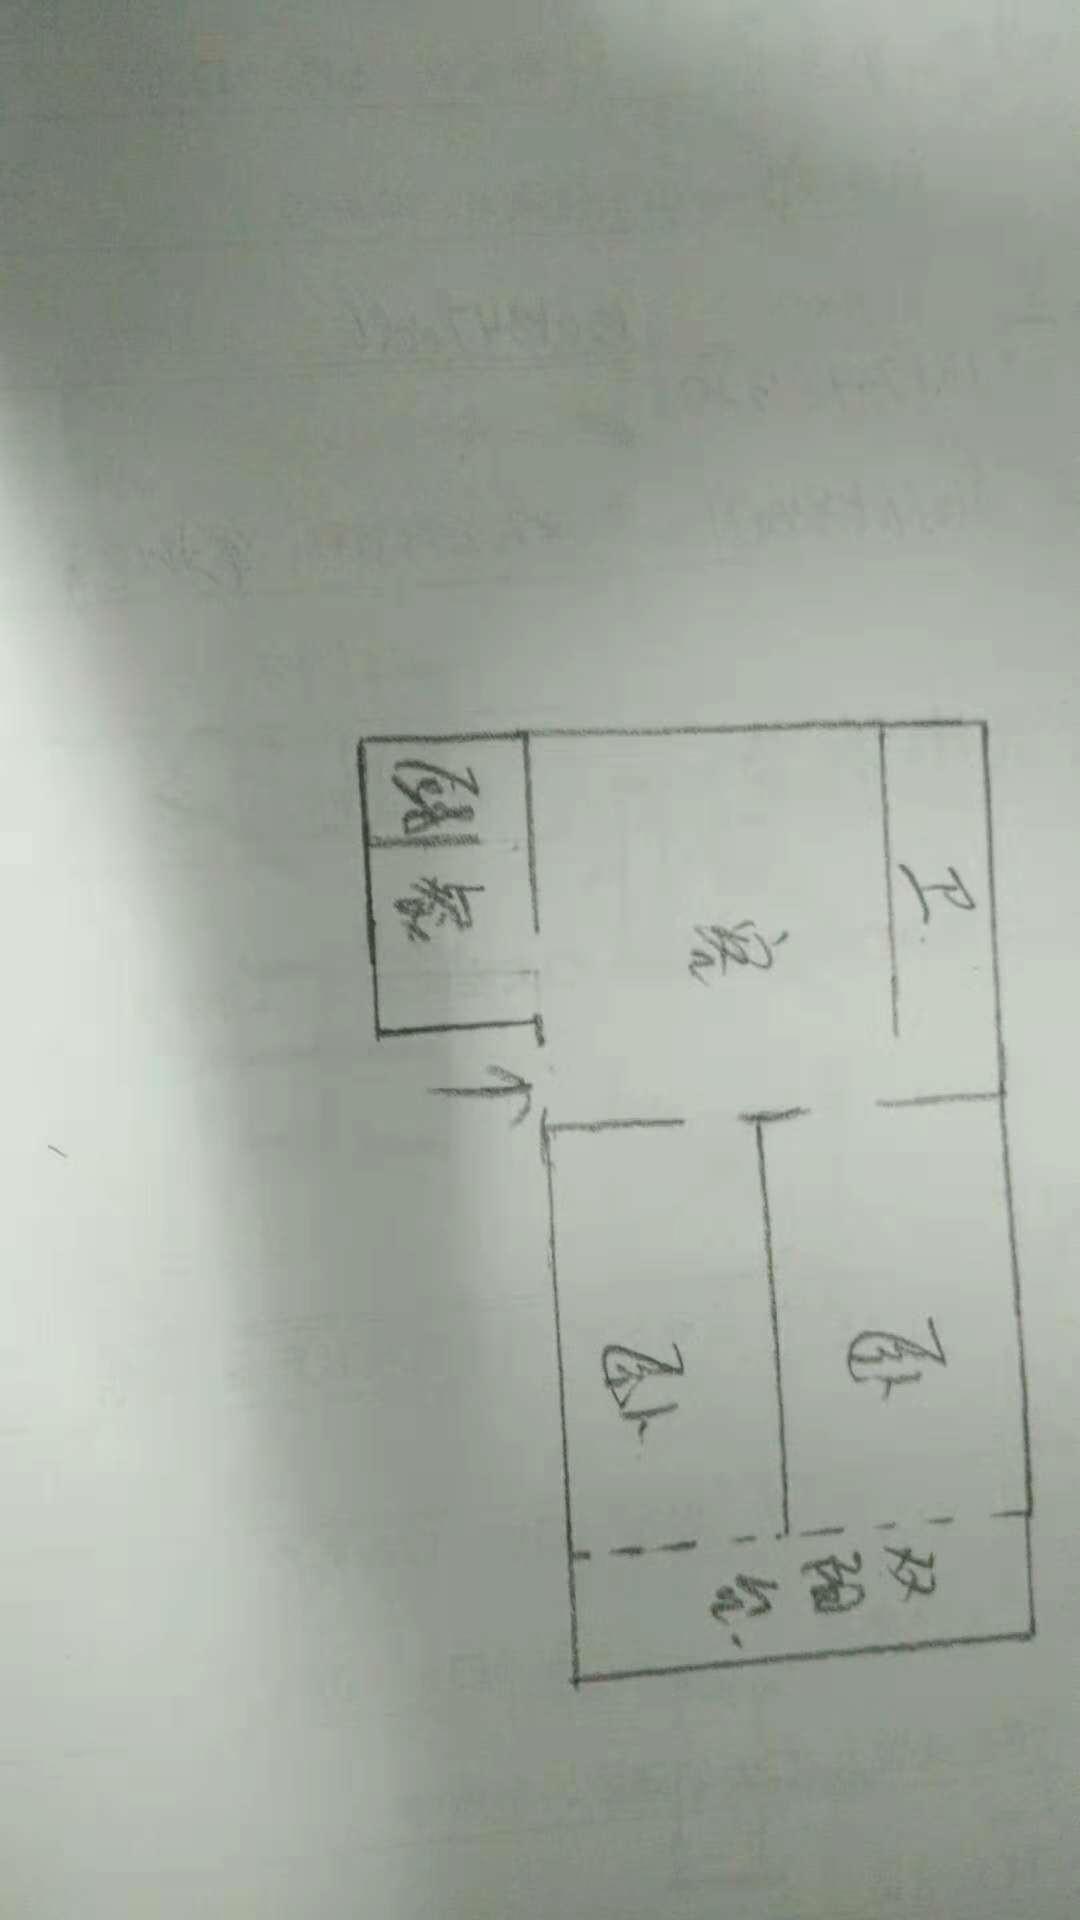 交通局宿舍 2室1厅 5楼